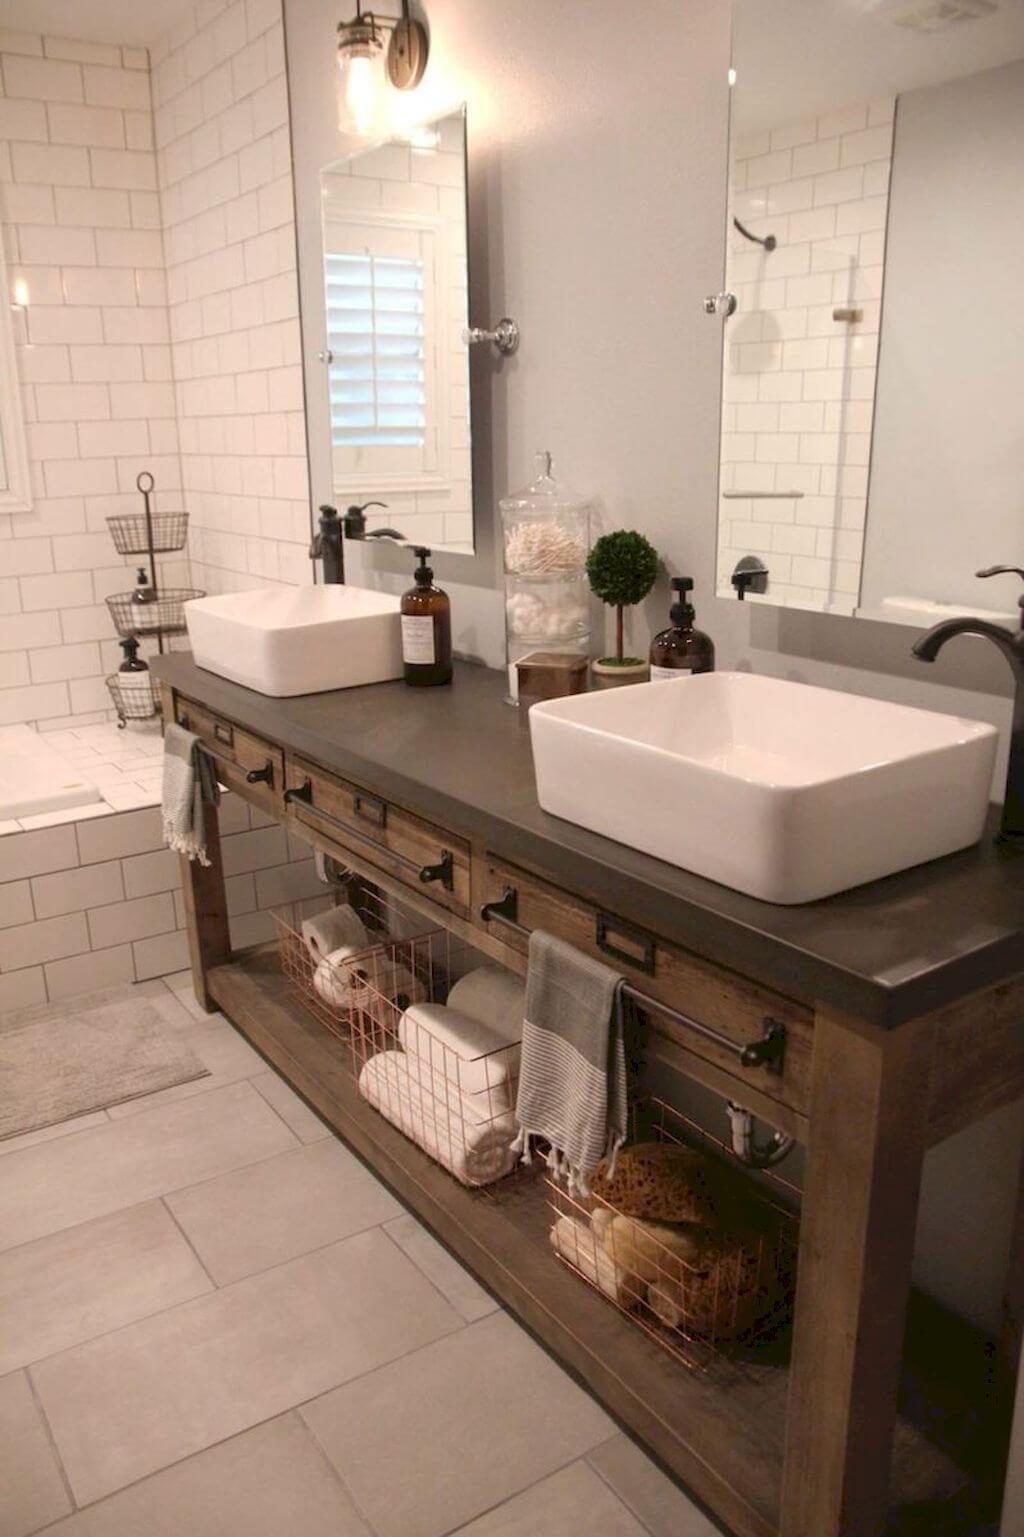 35 idées de vanités de salle de bains rustiques pour stimuler votre prochaine rénovation – bingefashion.com/fr